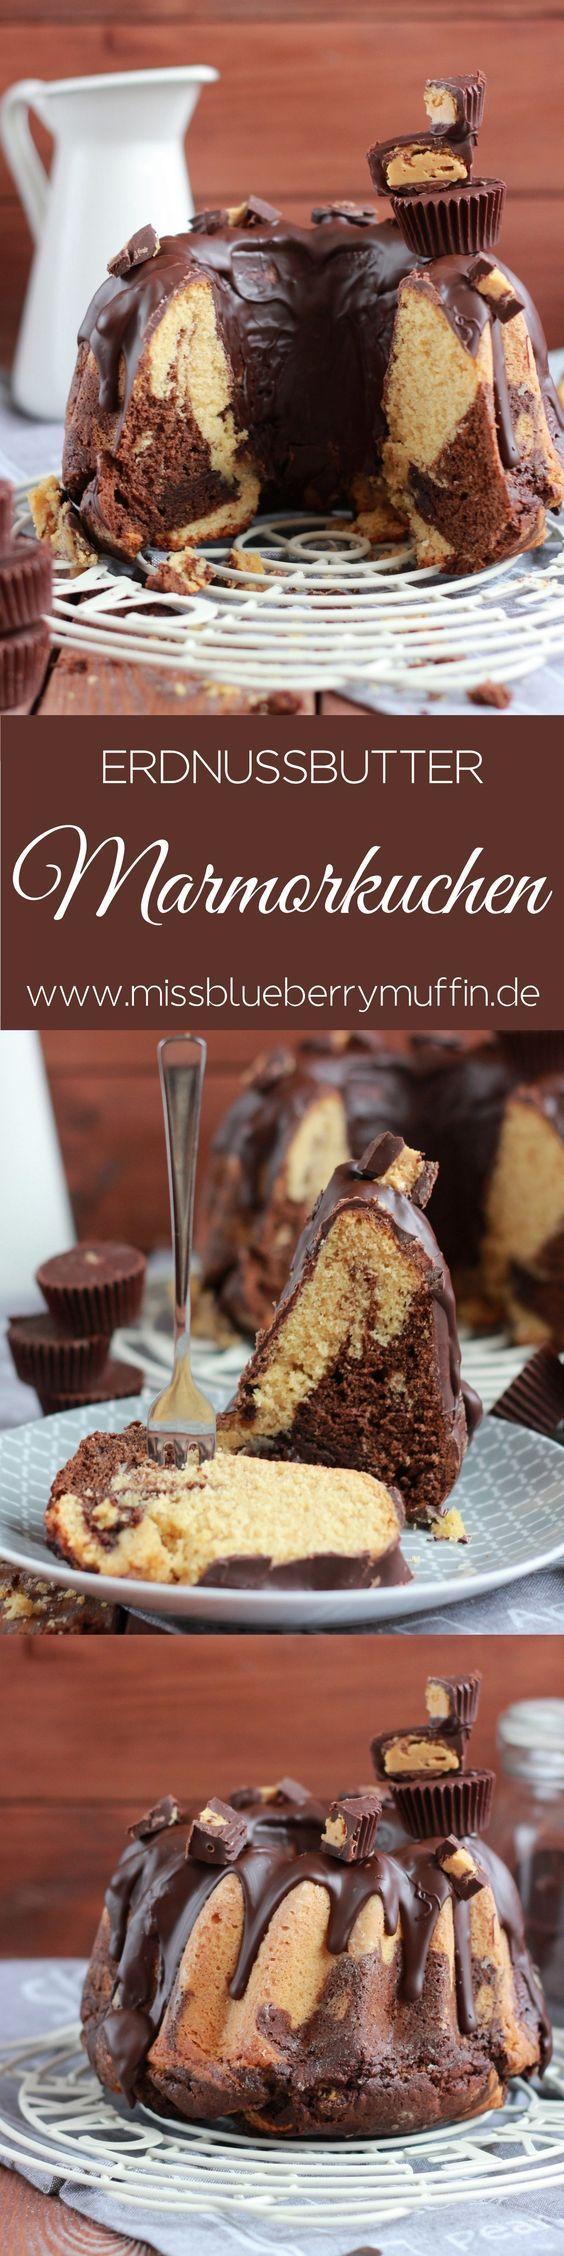 Saftiger Erdnussbutter-Schokoladen-Gugelhupf // Penutbuttercup bundt cake <3